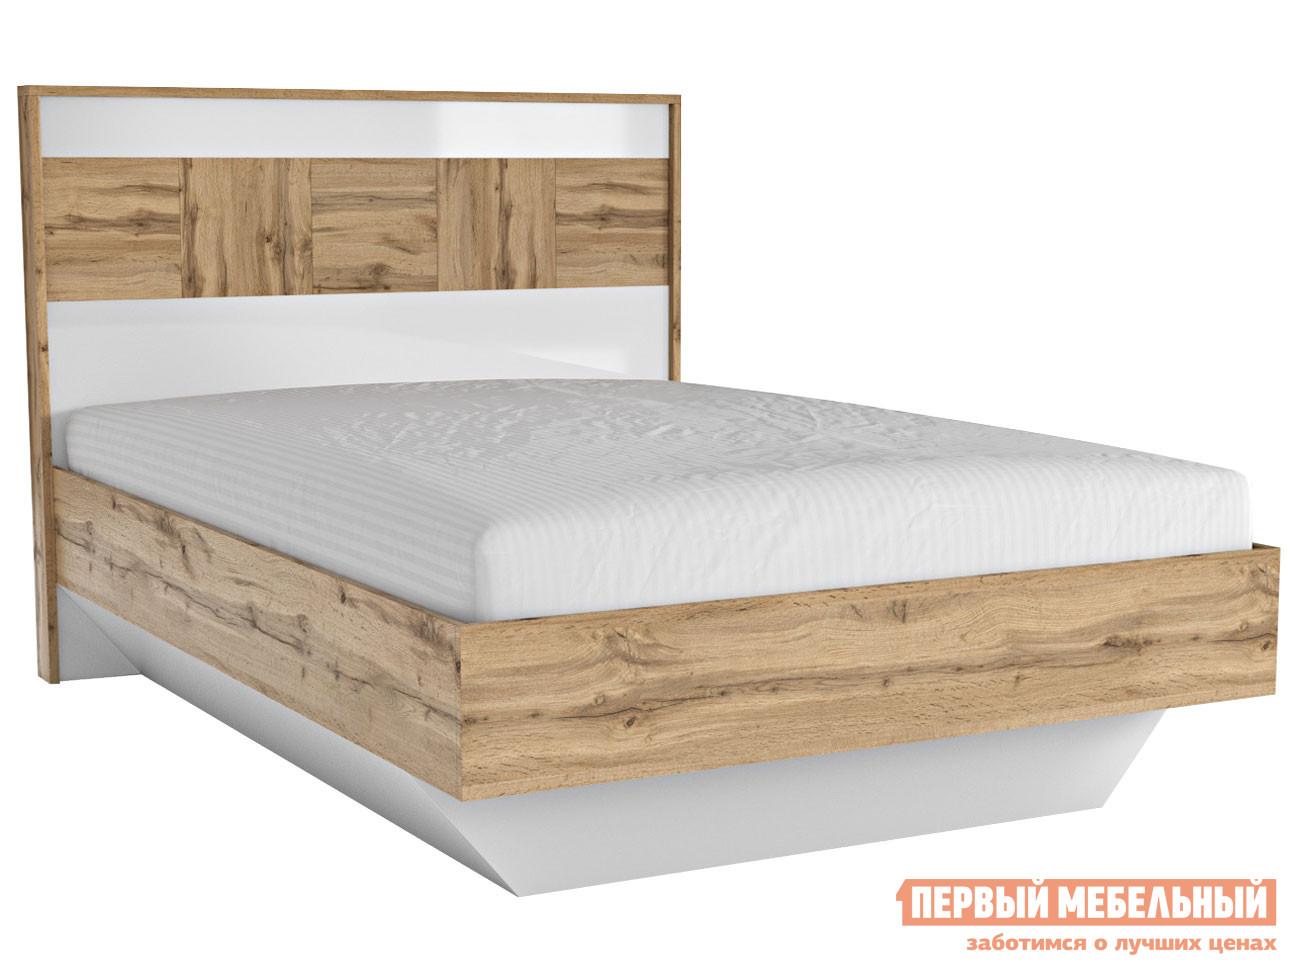 Двуспальная кровать Мелания Двуспальная кровать Аризона